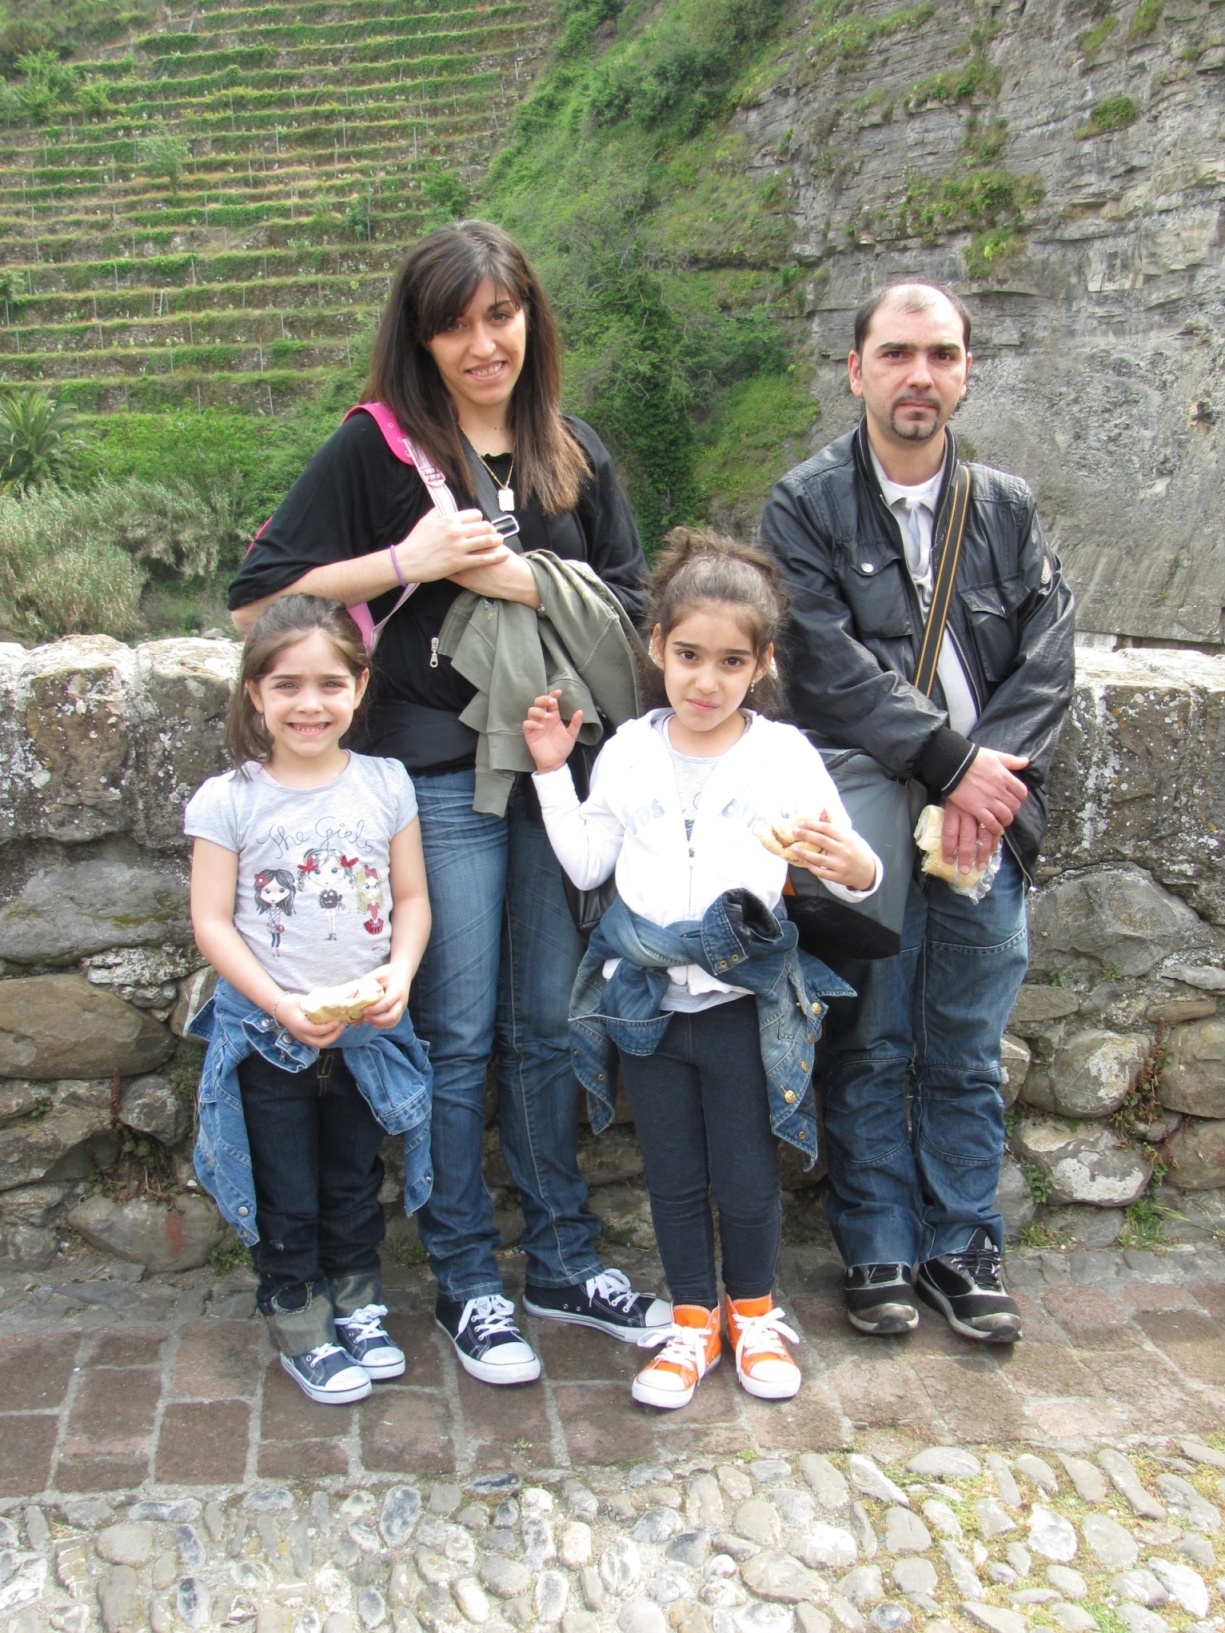 pasquetta_dolceacqua-2011-04-25-11-29-17